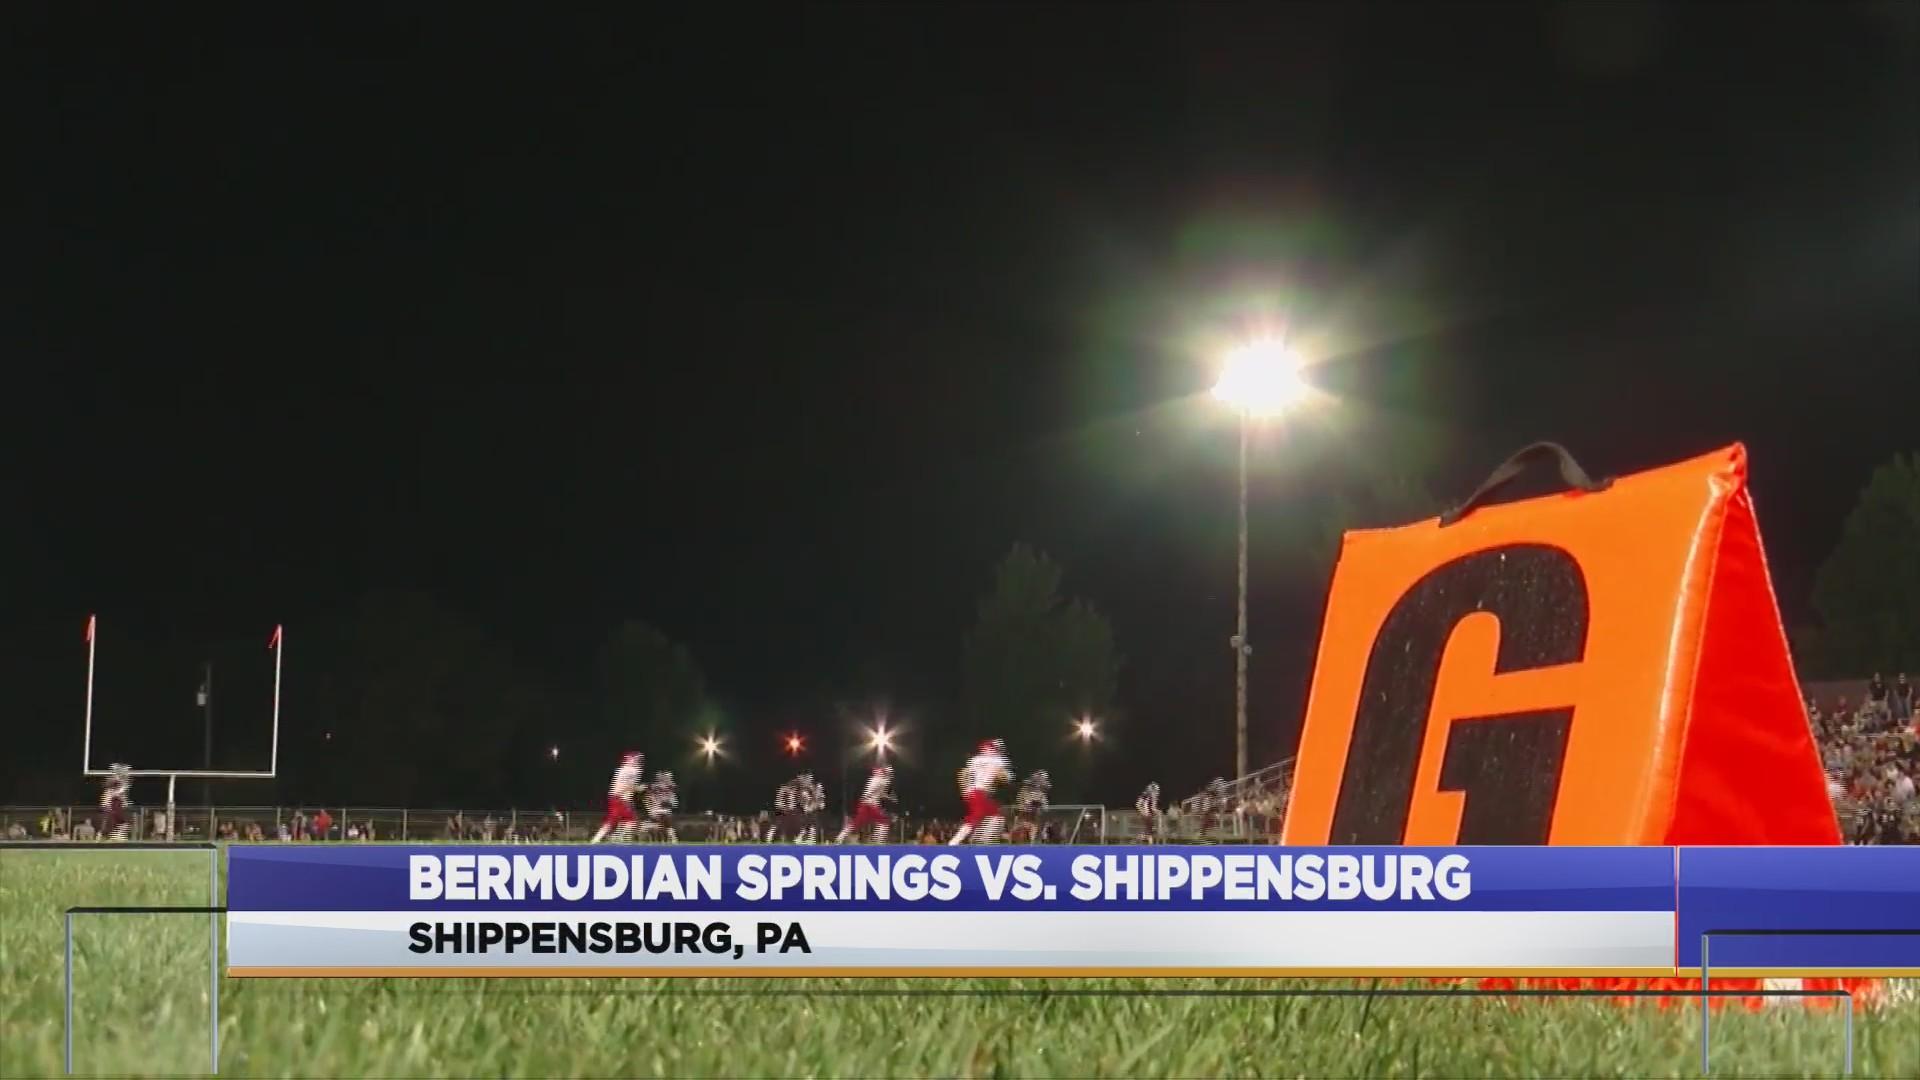 Bermudian_Springs_vs_Shippensburg_0_20180908035514